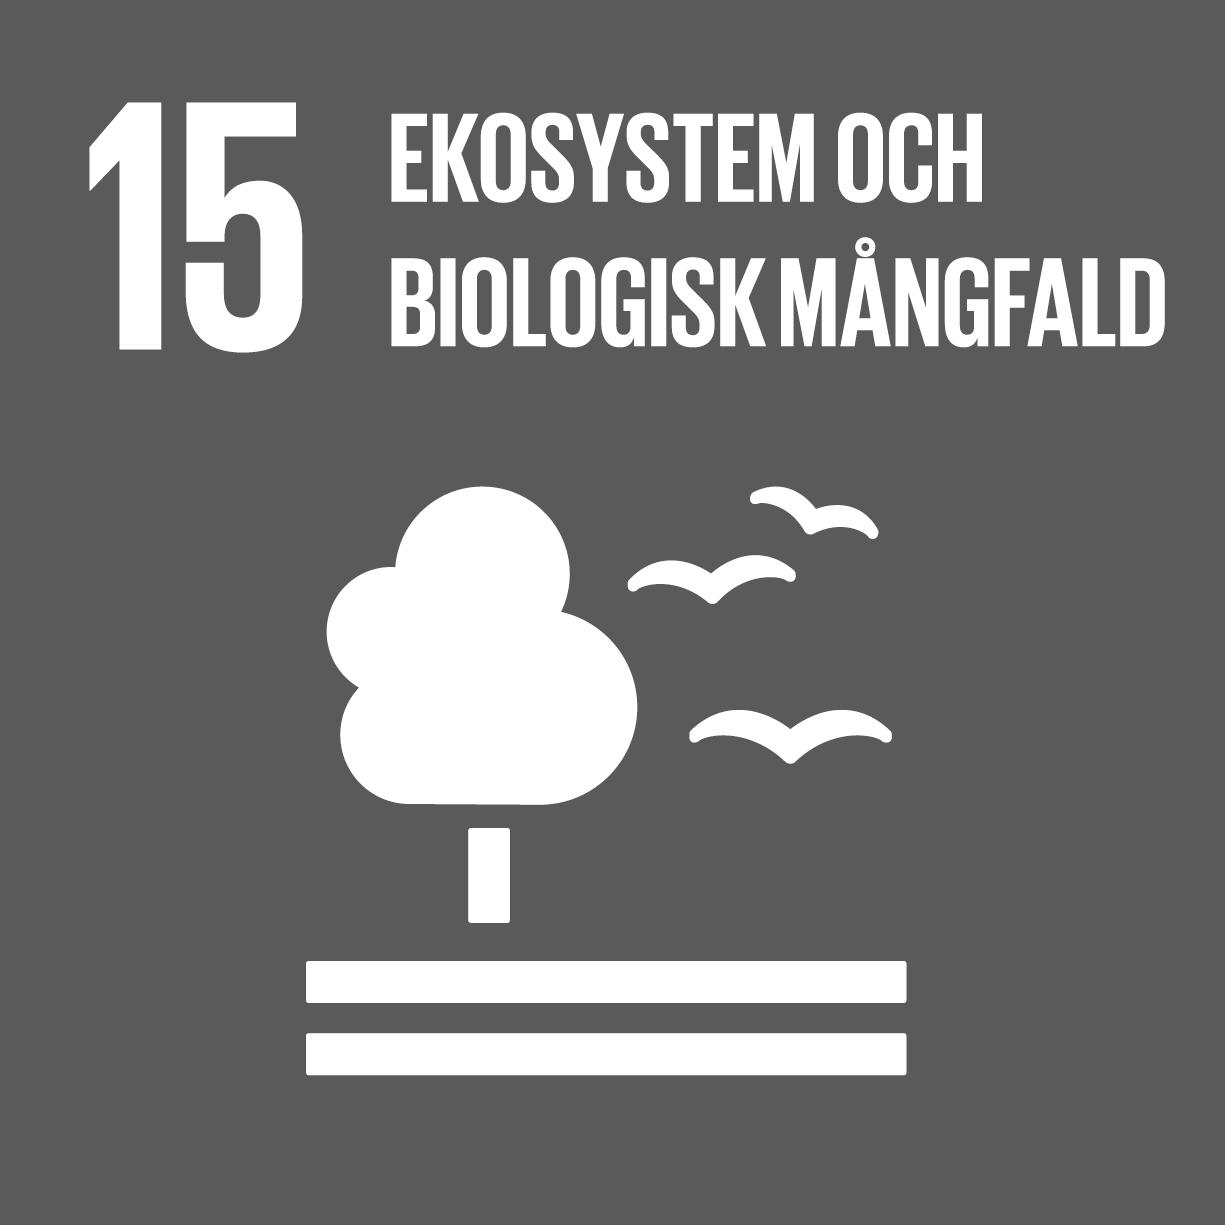 ekosystem och biologisk mångfald